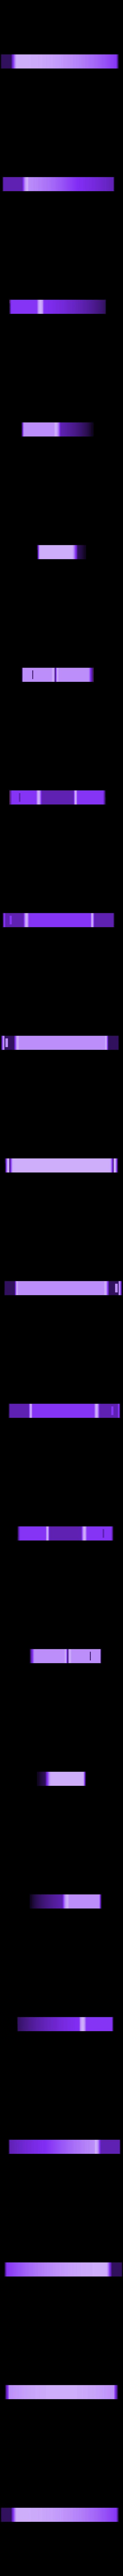 podporka.stl Télécharger fichier STL gratuit Housse Sensirion SHT31 • Design pour impression 3D, kpawel